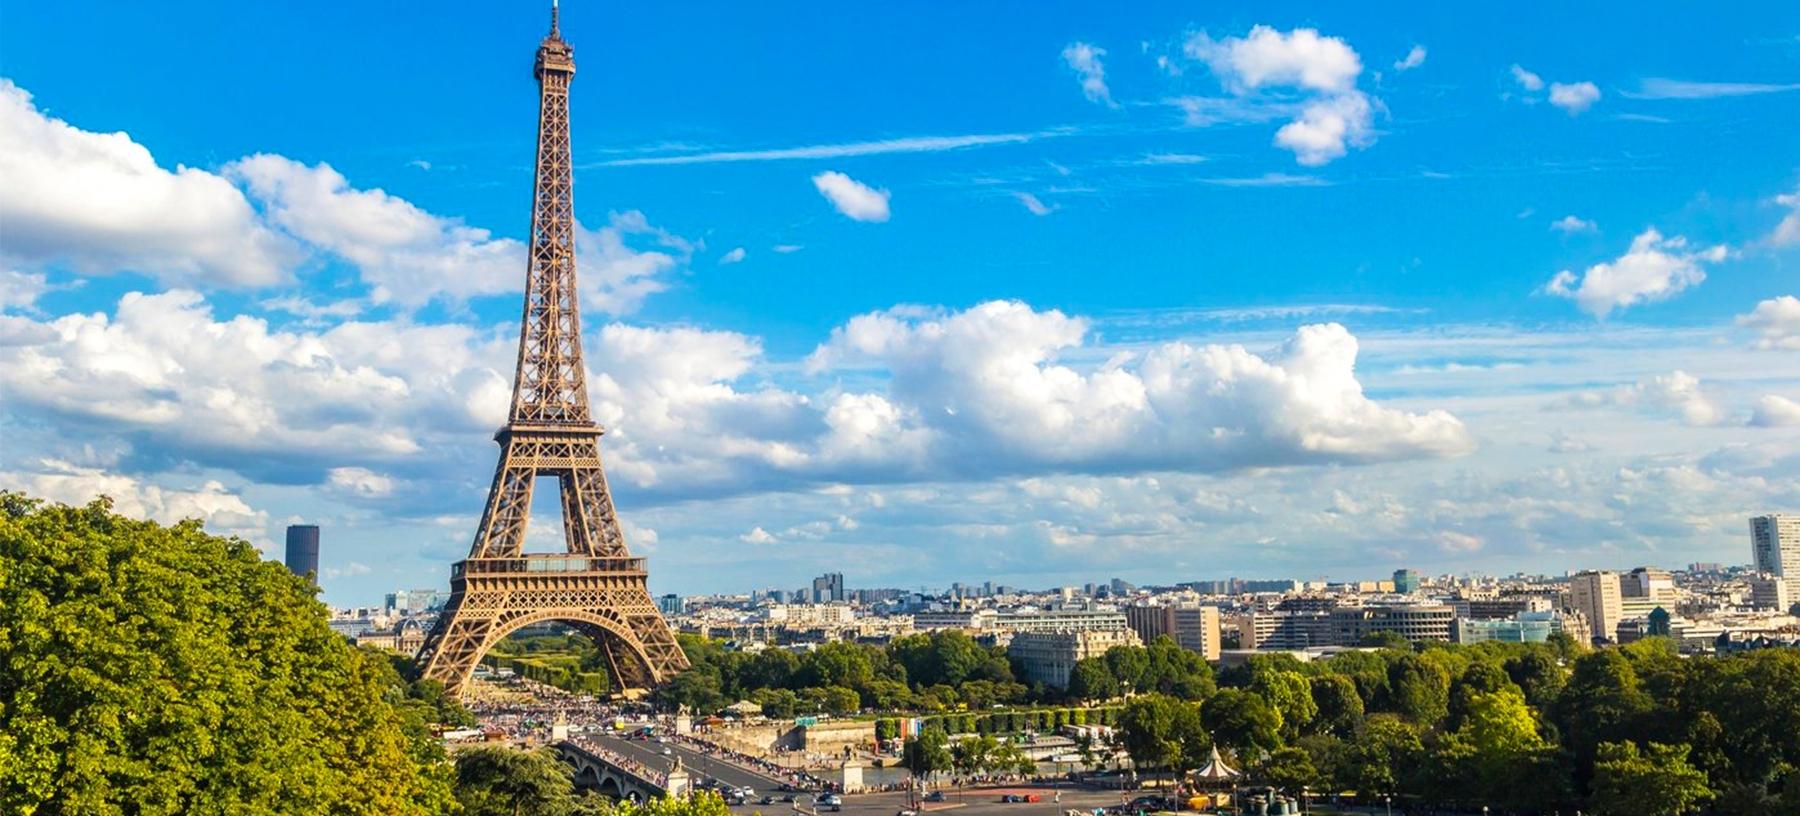 Paříž a sídla panovníků s ubytováním pro 1 osobu